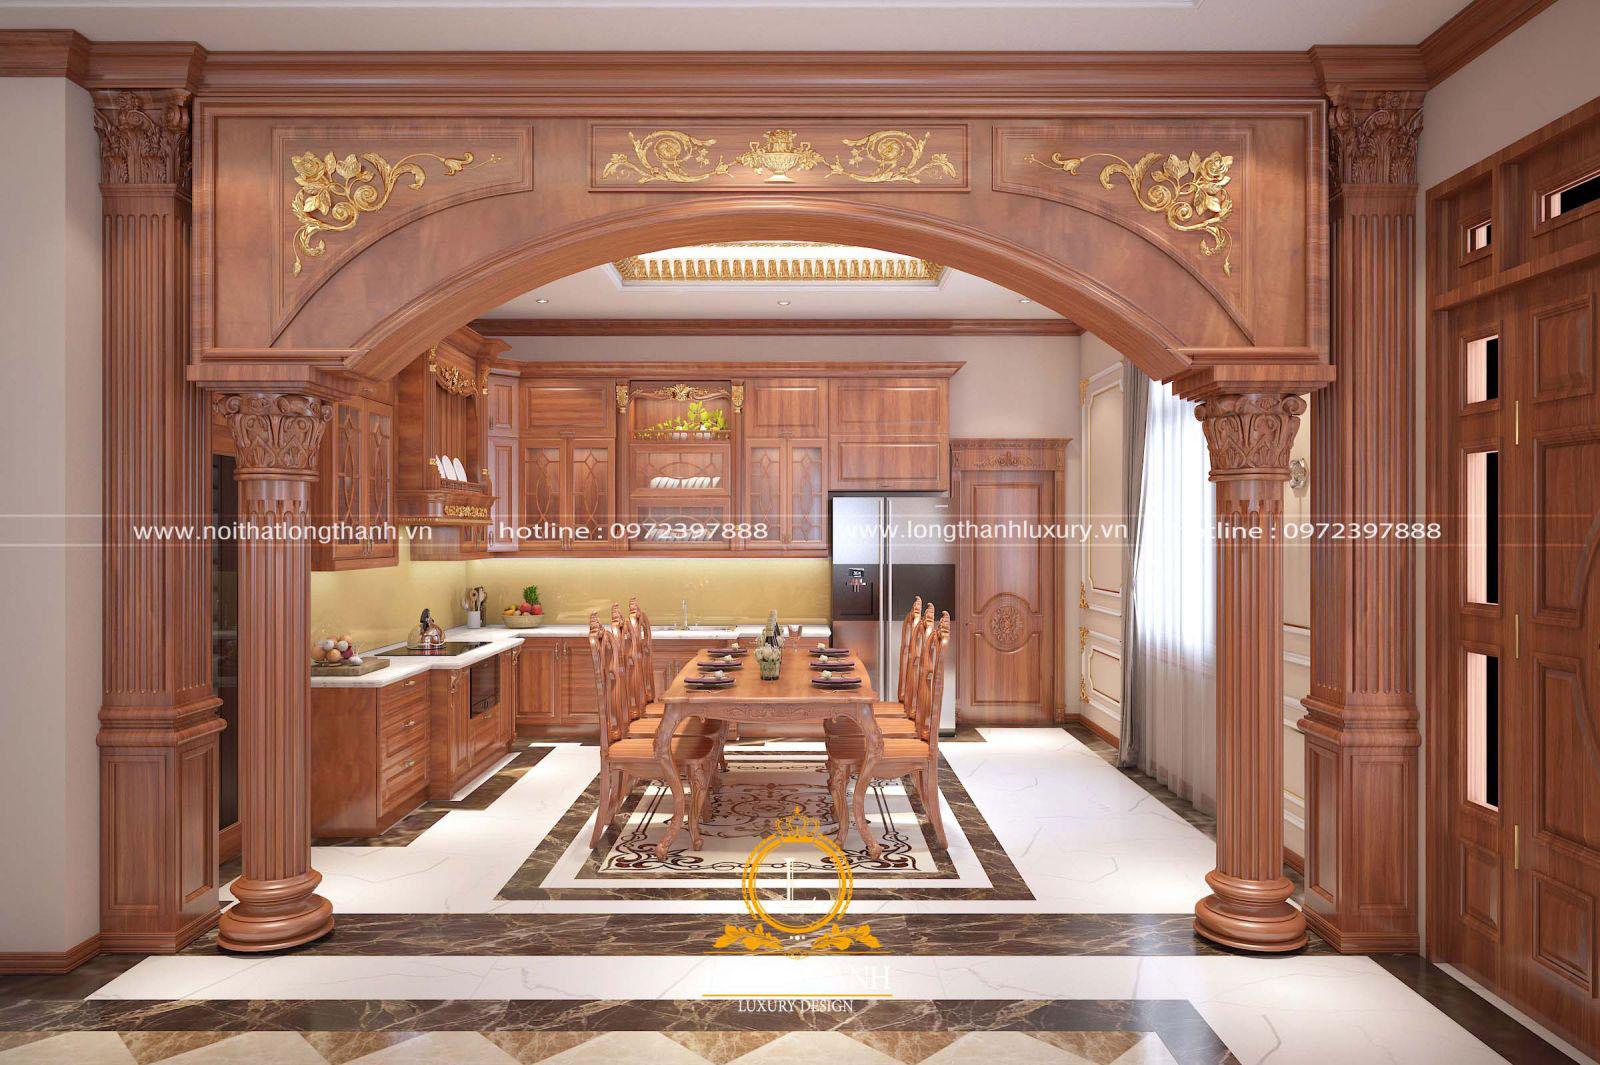 Tổng thể thiết kế nội thất phòng bếp với bộ bàn ăn sang trọng tiện lợi